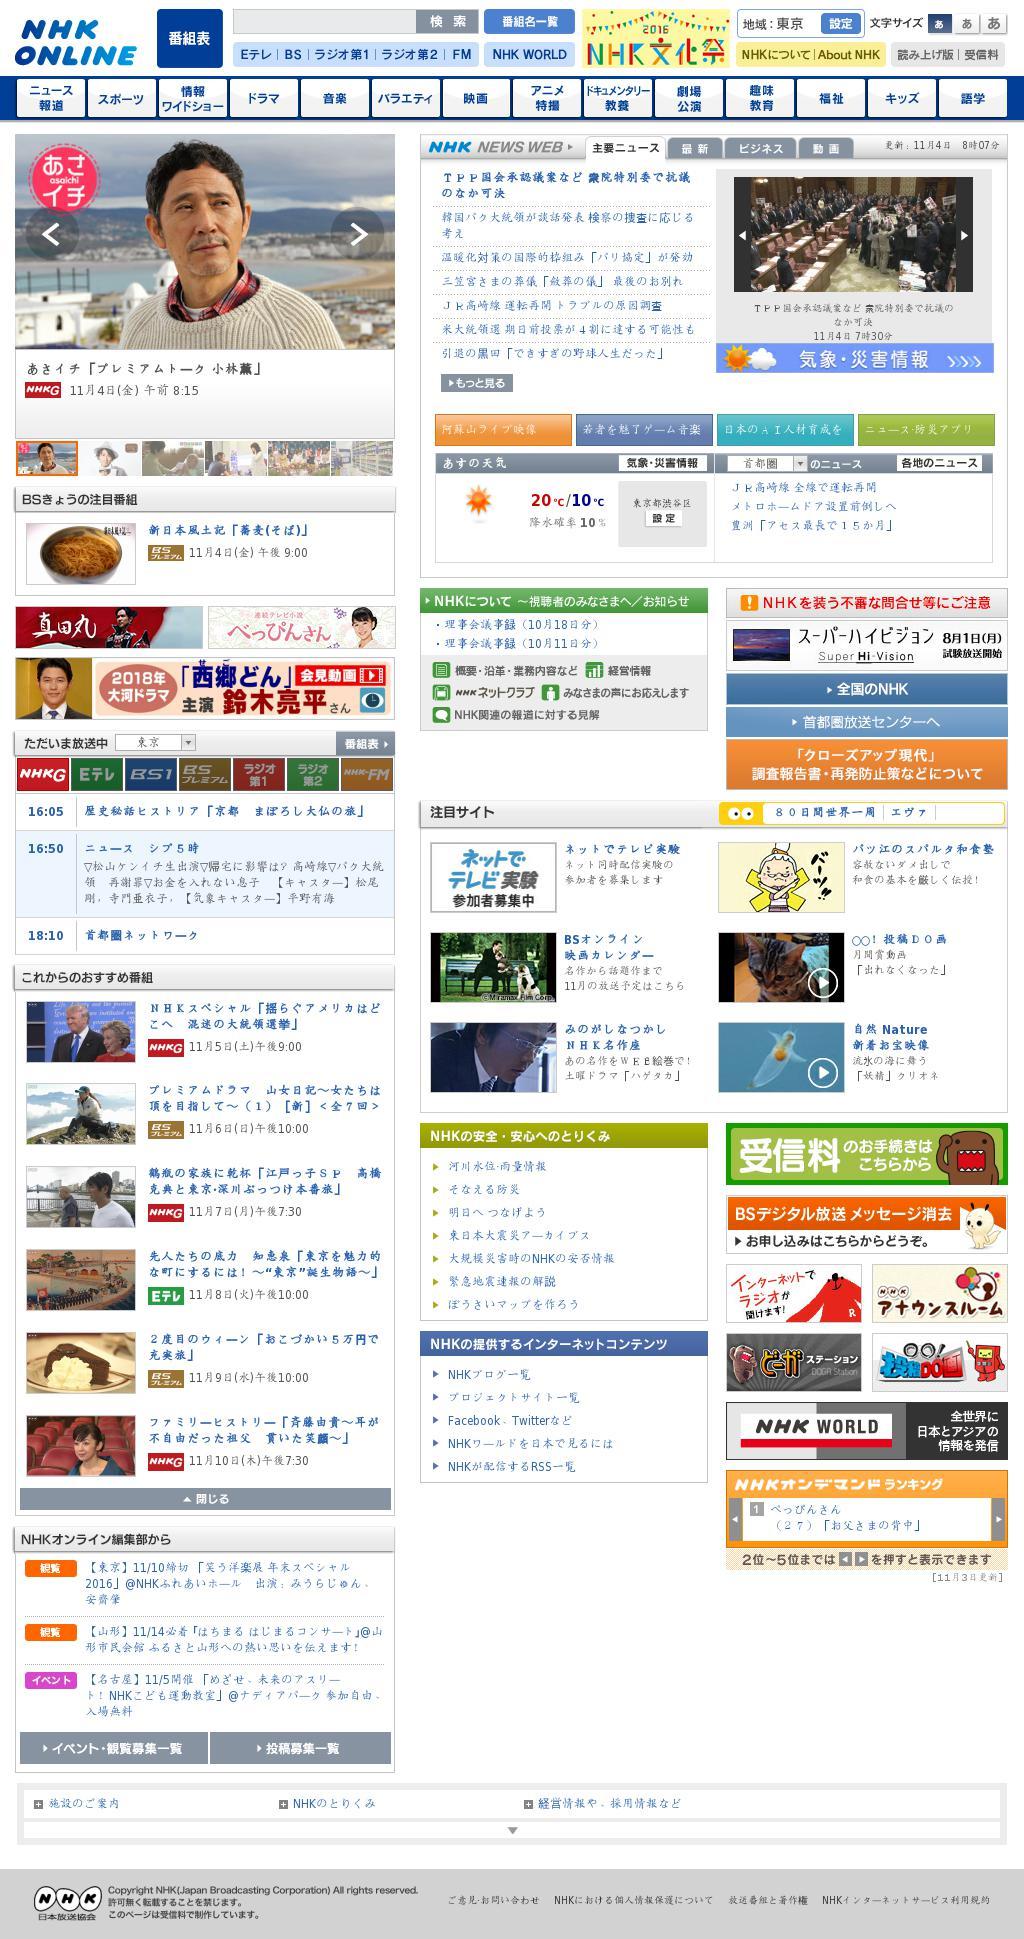 NHK Online at Friday Nov. 4, 2016, 8:11 a.m. UTC